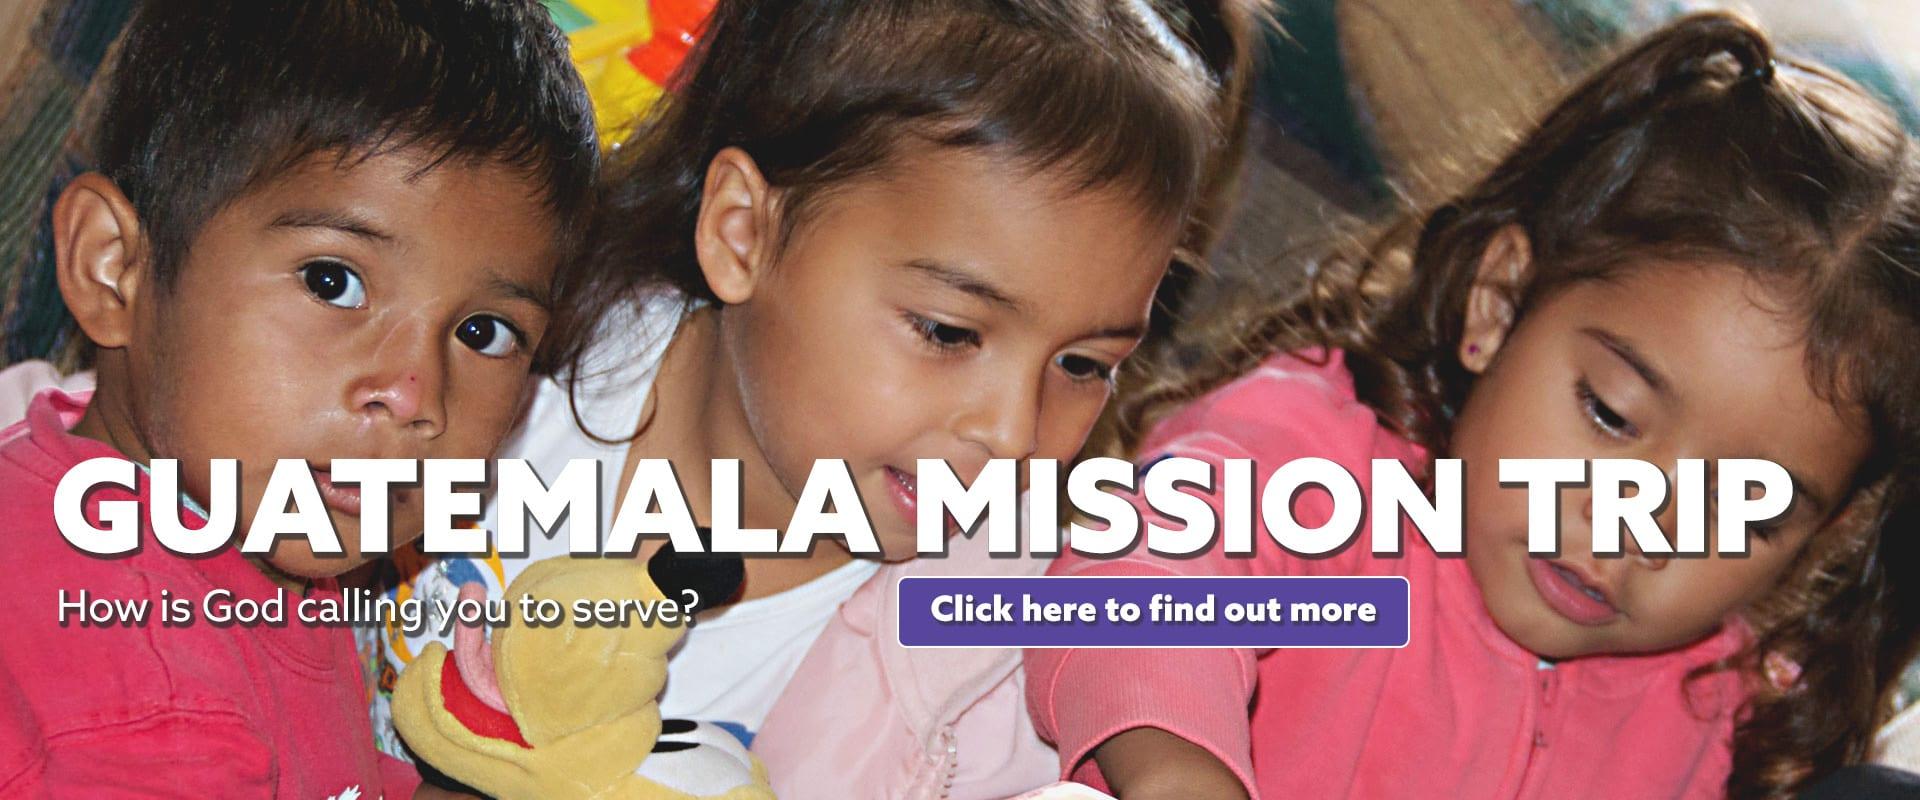 2020-Guatemala-Mission-Trip-Lift